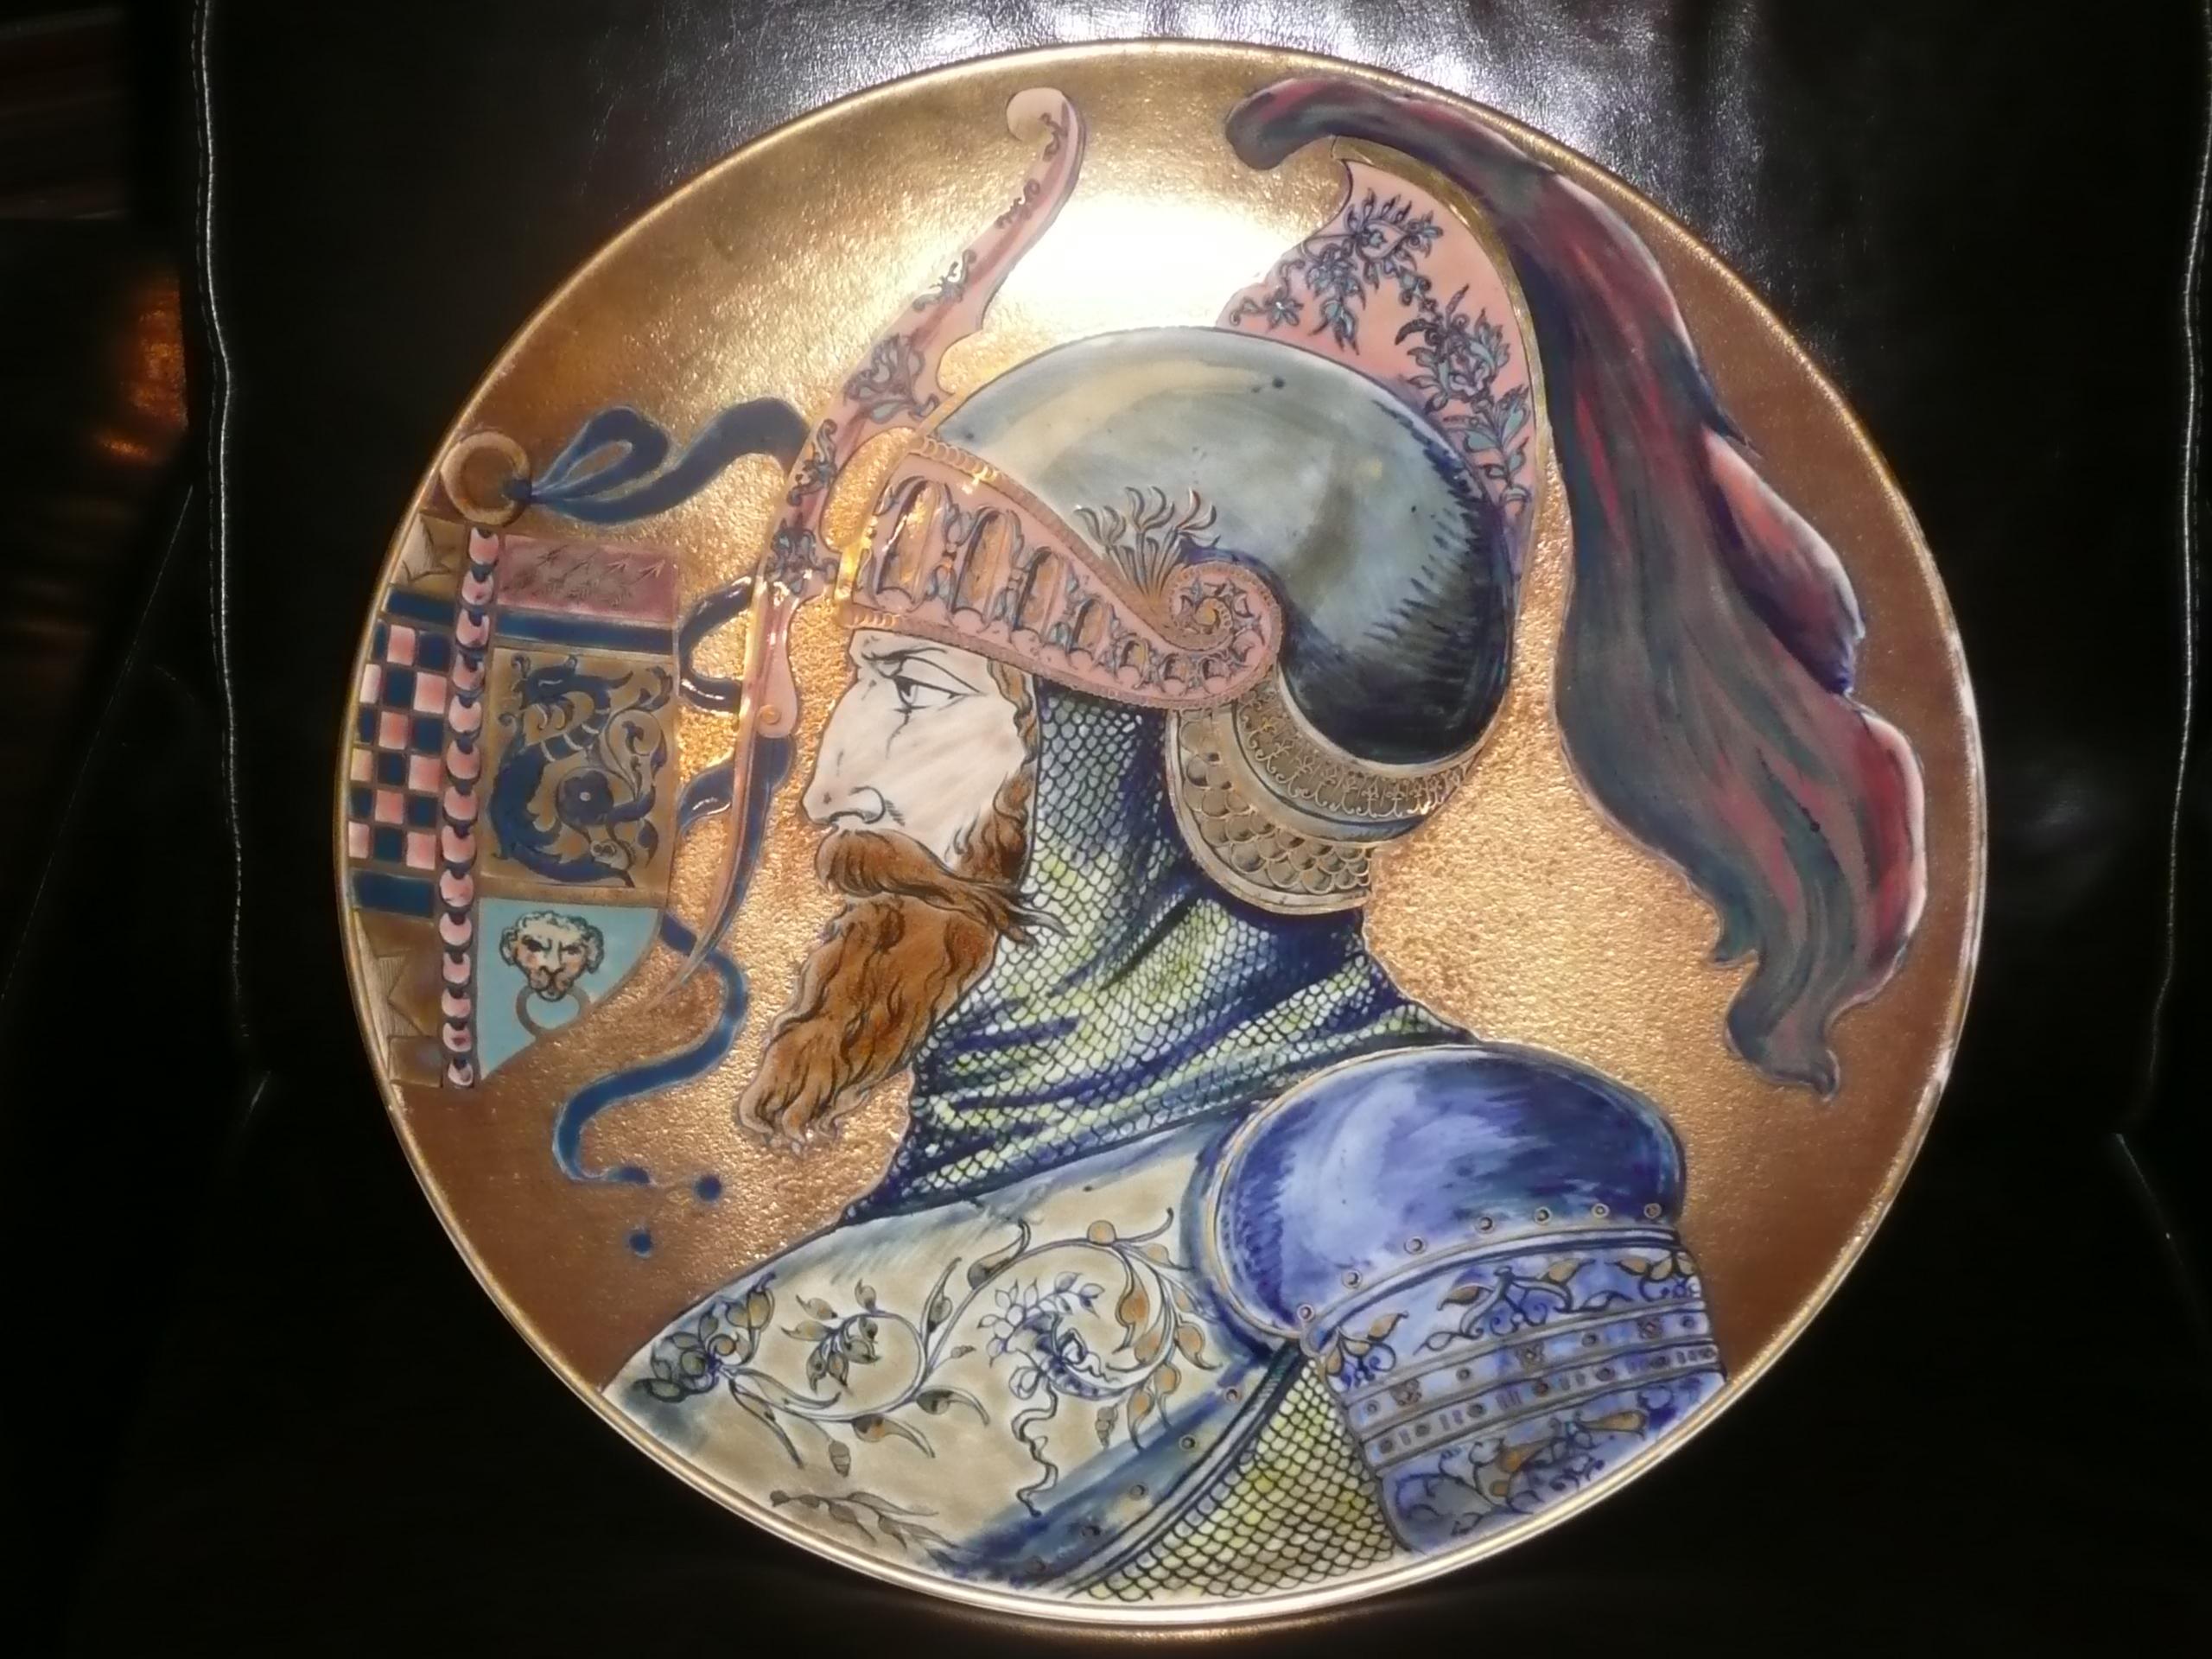 Historizáló Zsolnay kerámiák 1870-1900.